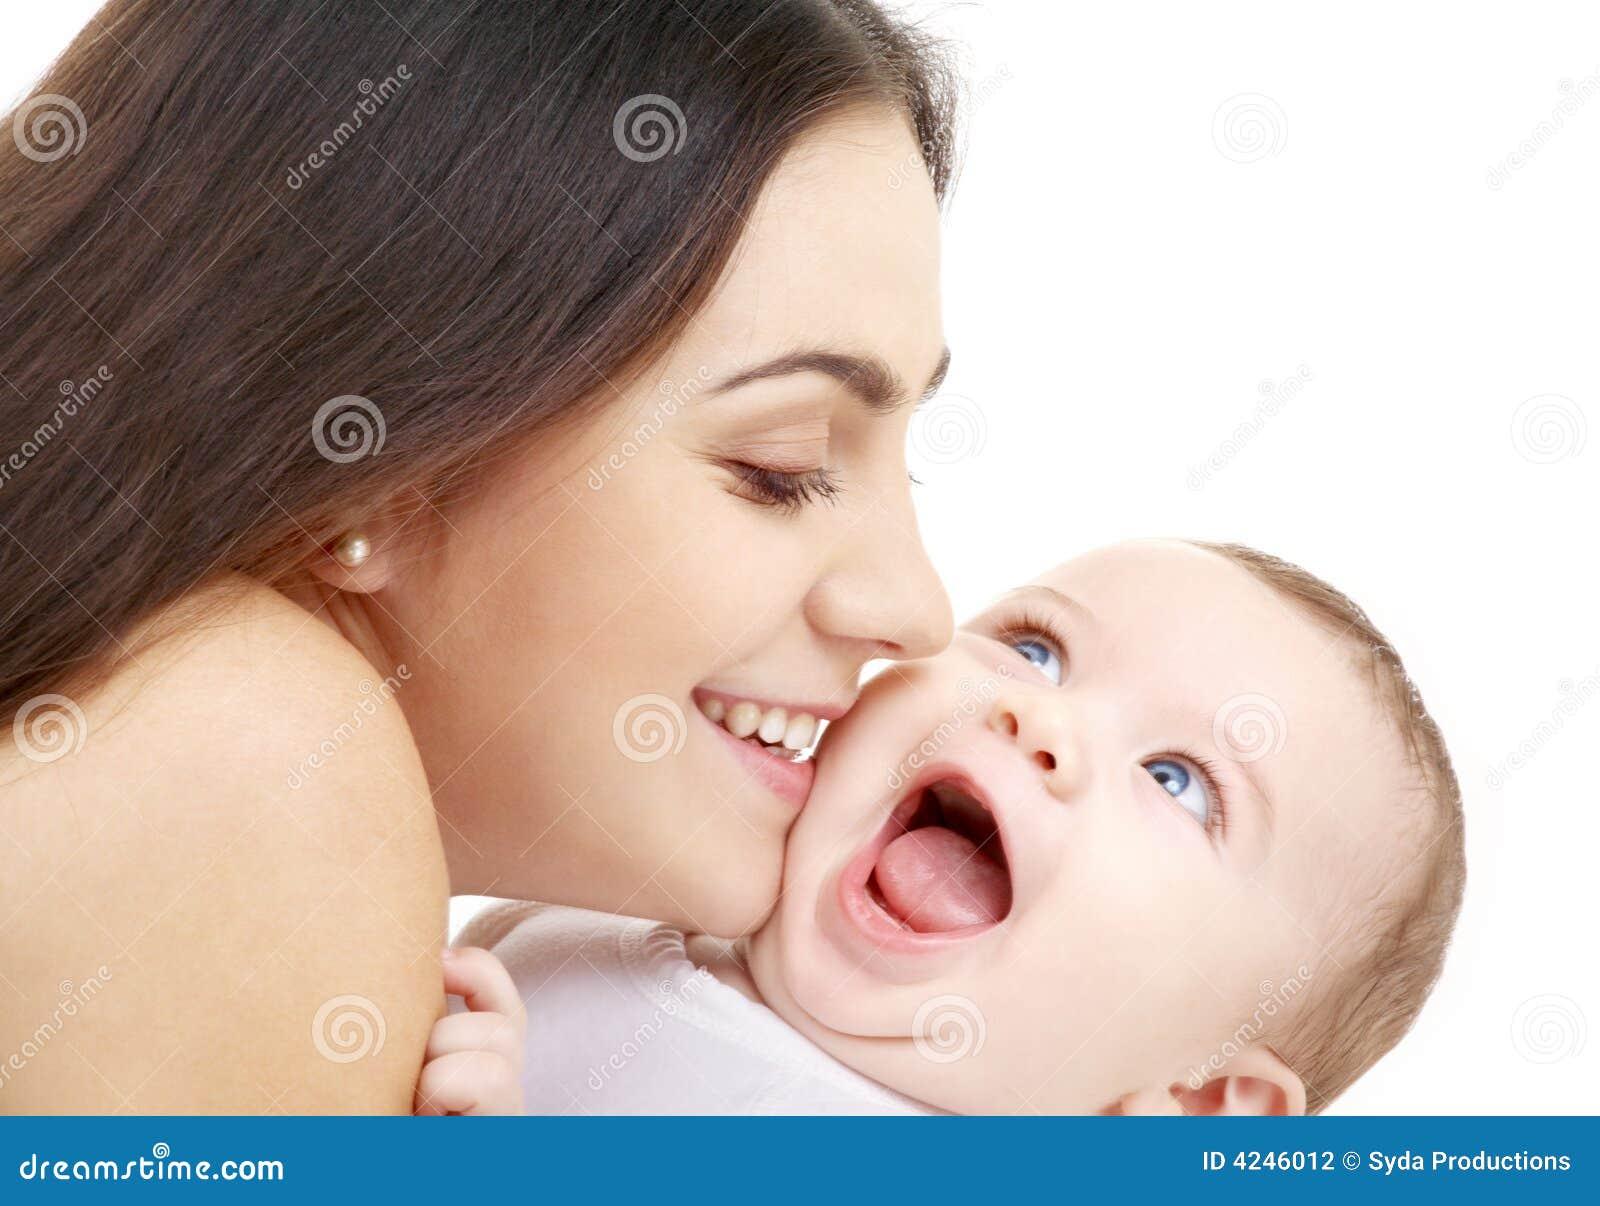 Mama brincalhão com bebê feliz